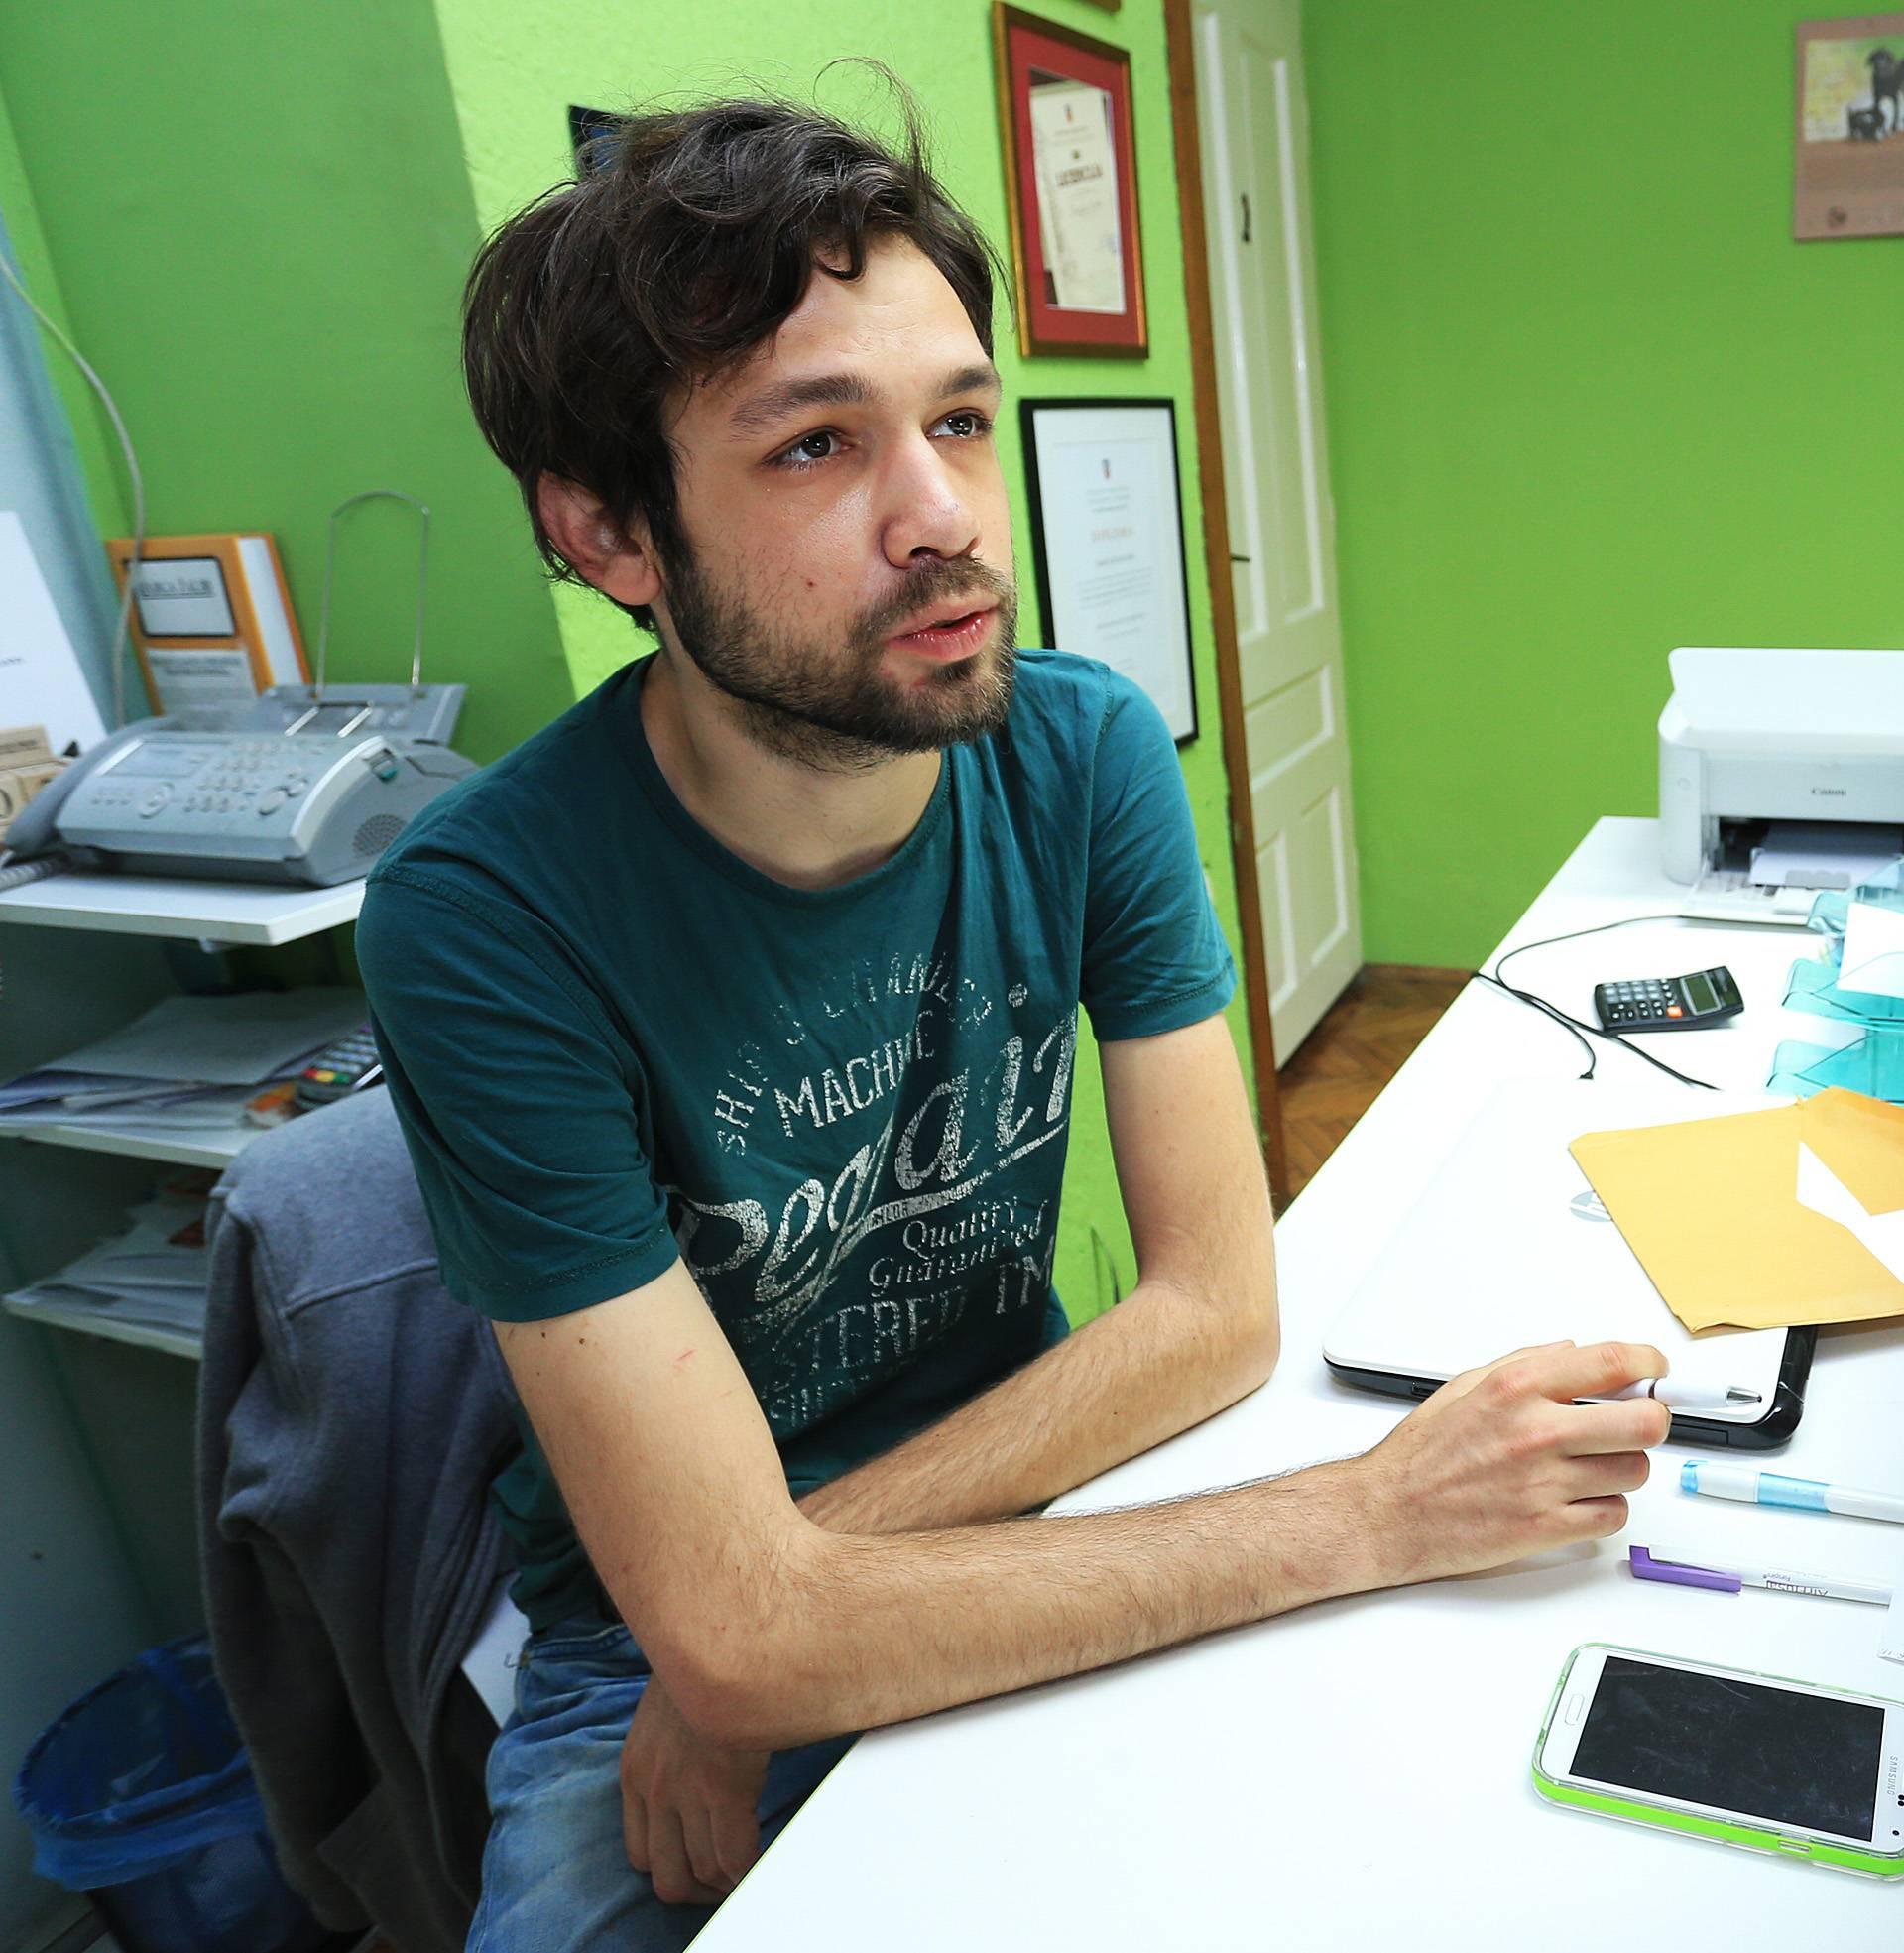 Osječanin Tomislav gotovo je umro: Šećer mu je bio 107,3